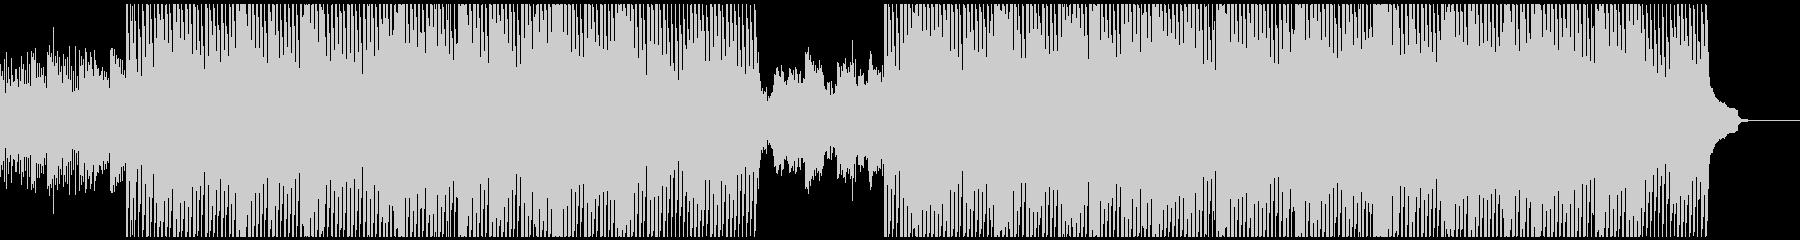 弦楽器なし版 シンプルで使いやすい曲の未再生の波形